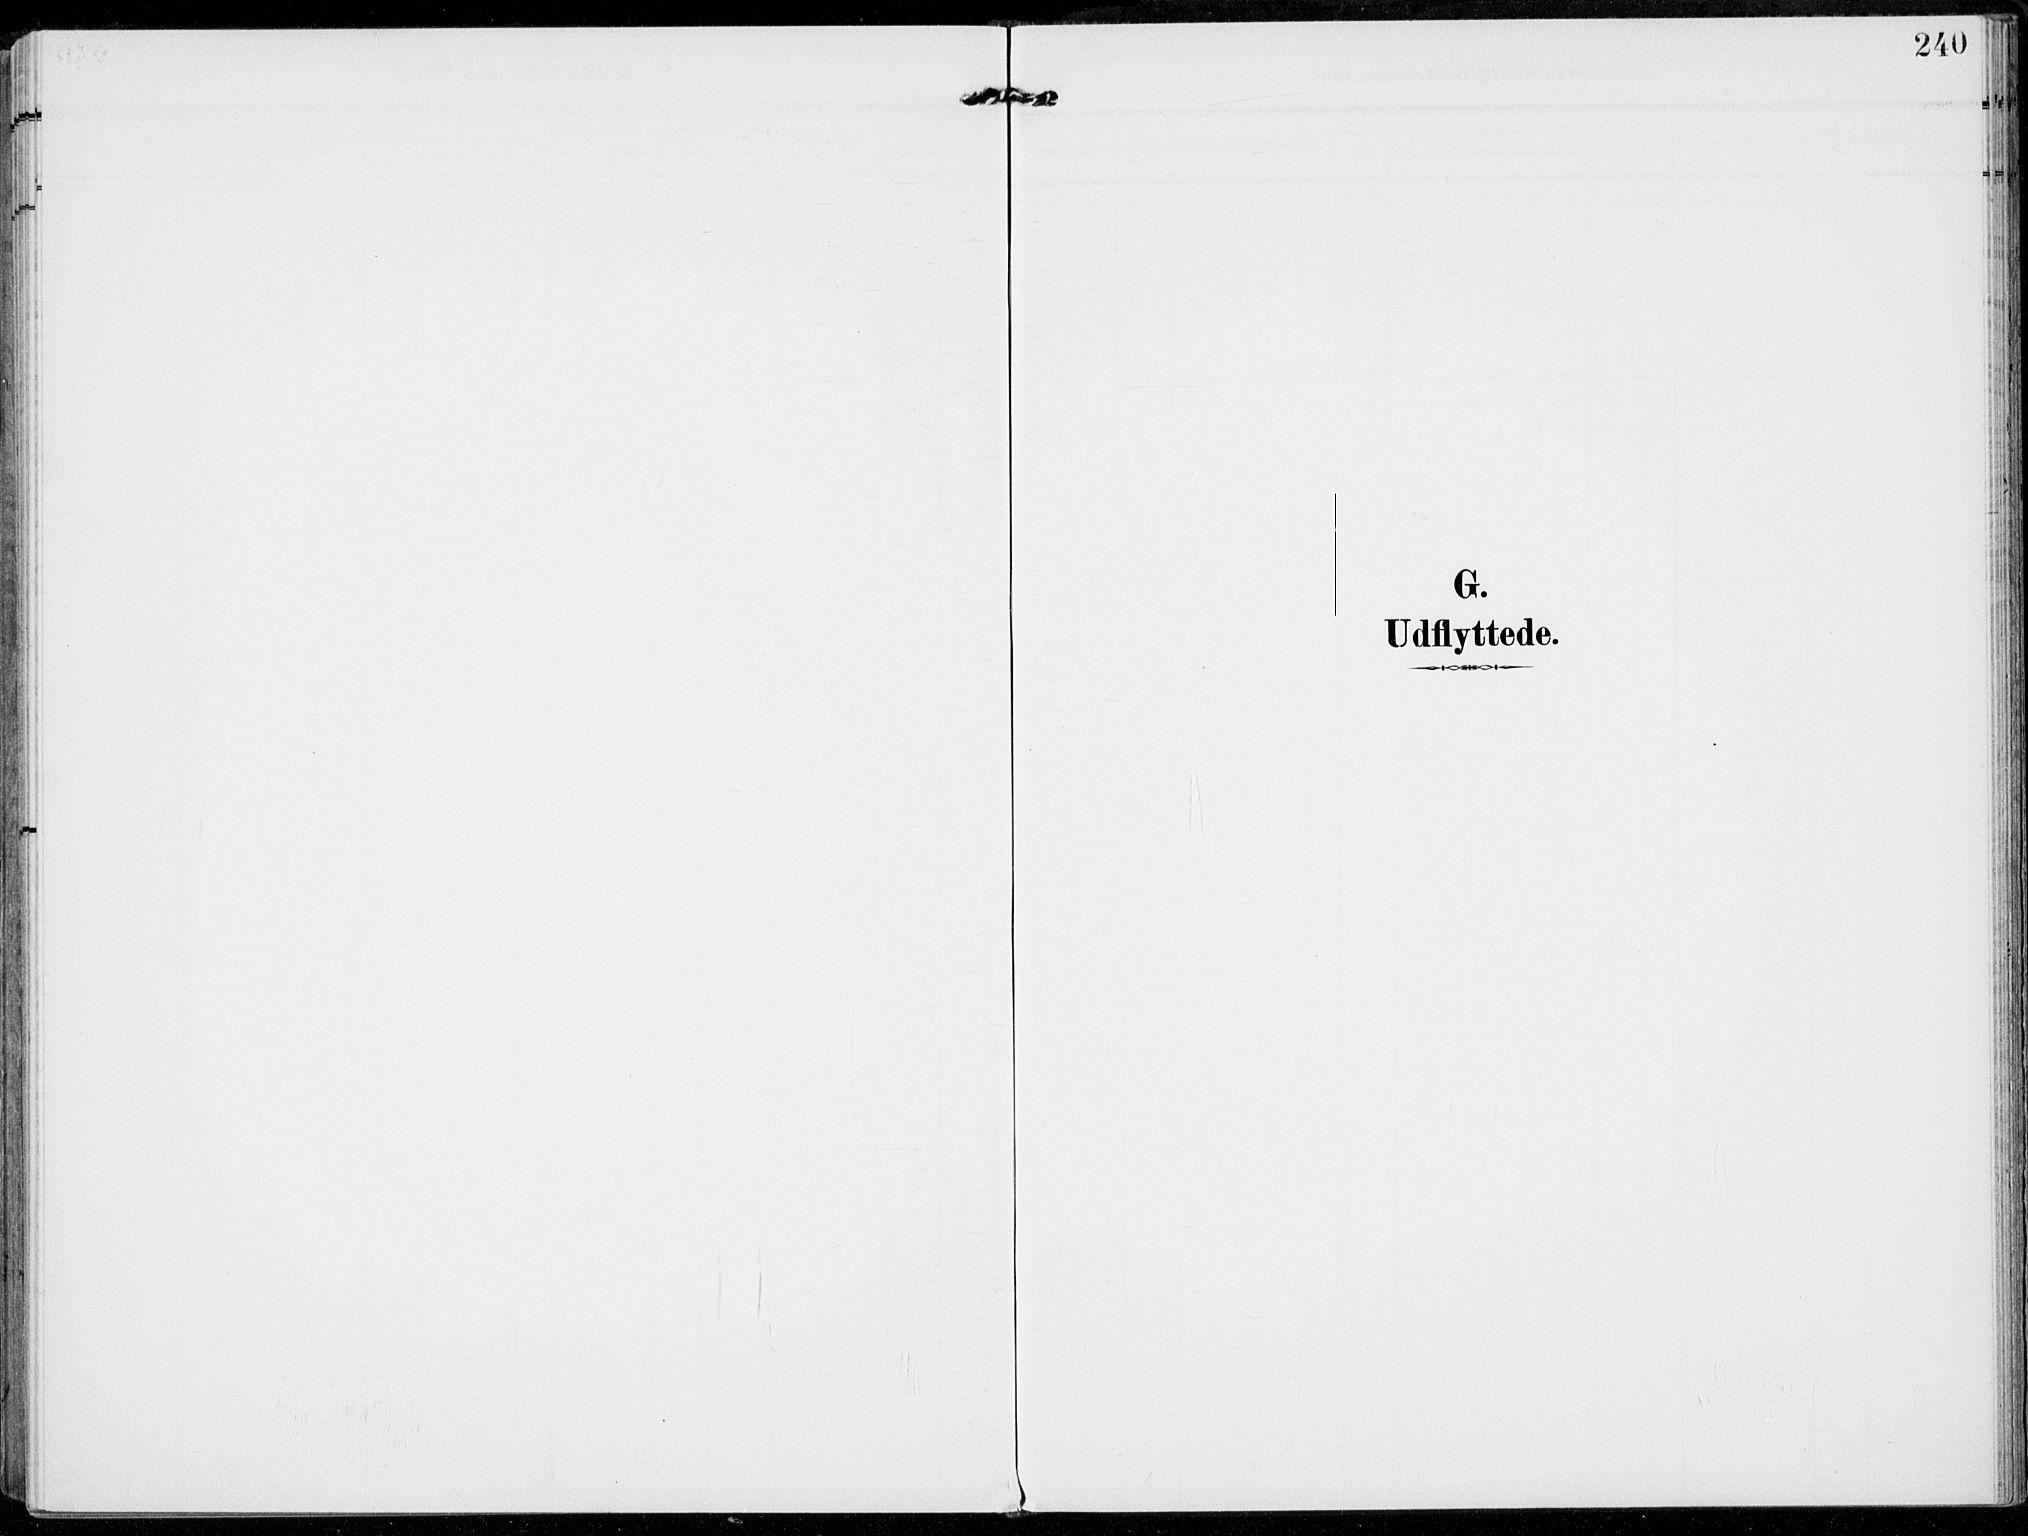 SAH, Alvdal prestekontor, Ministerialbok nr. 4, 1907-1919, s. 240